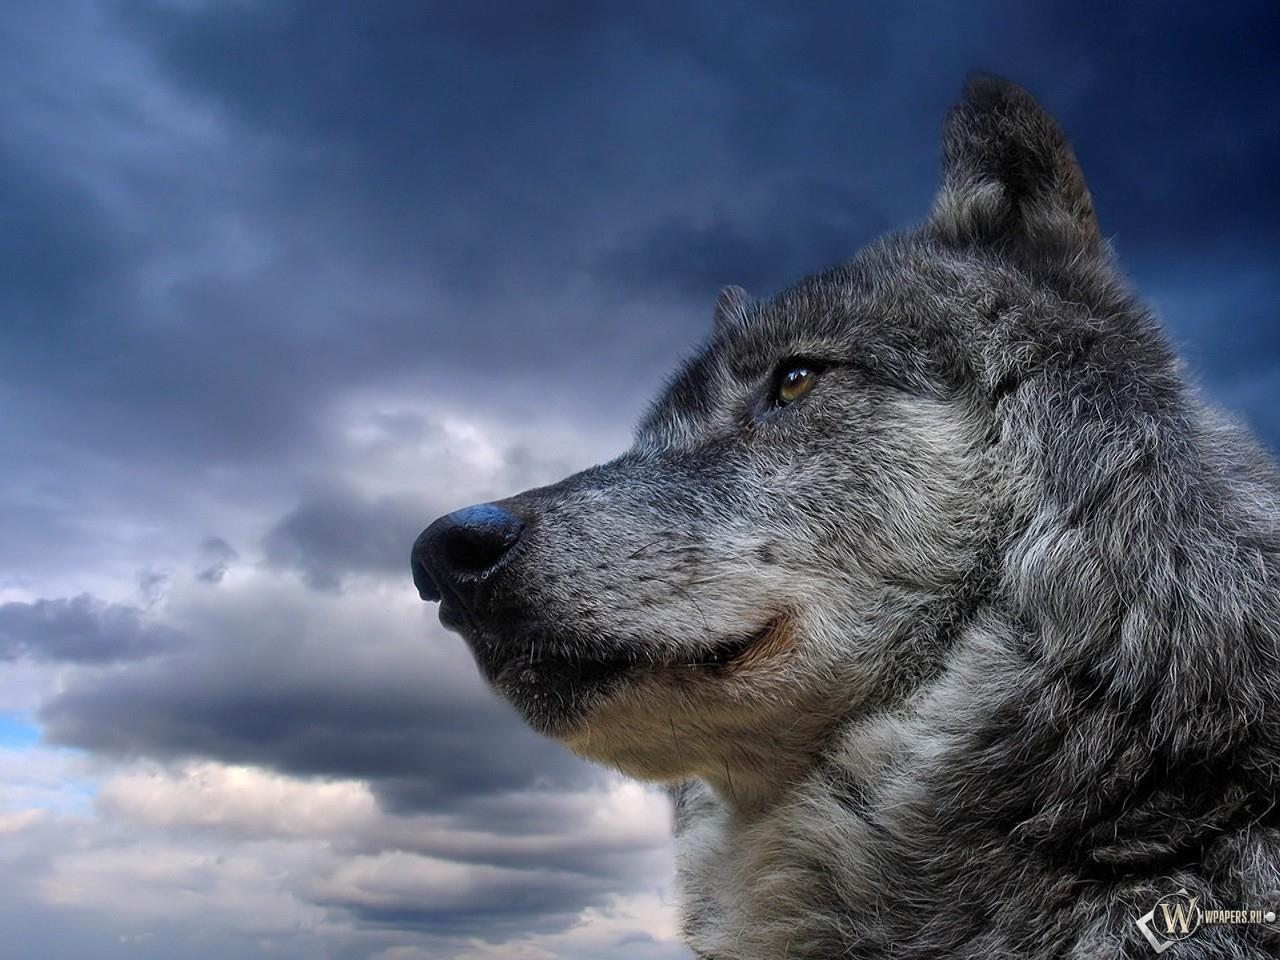 Wolf, волк на фоне неба, фото, обои для рабочего стола, фото волков